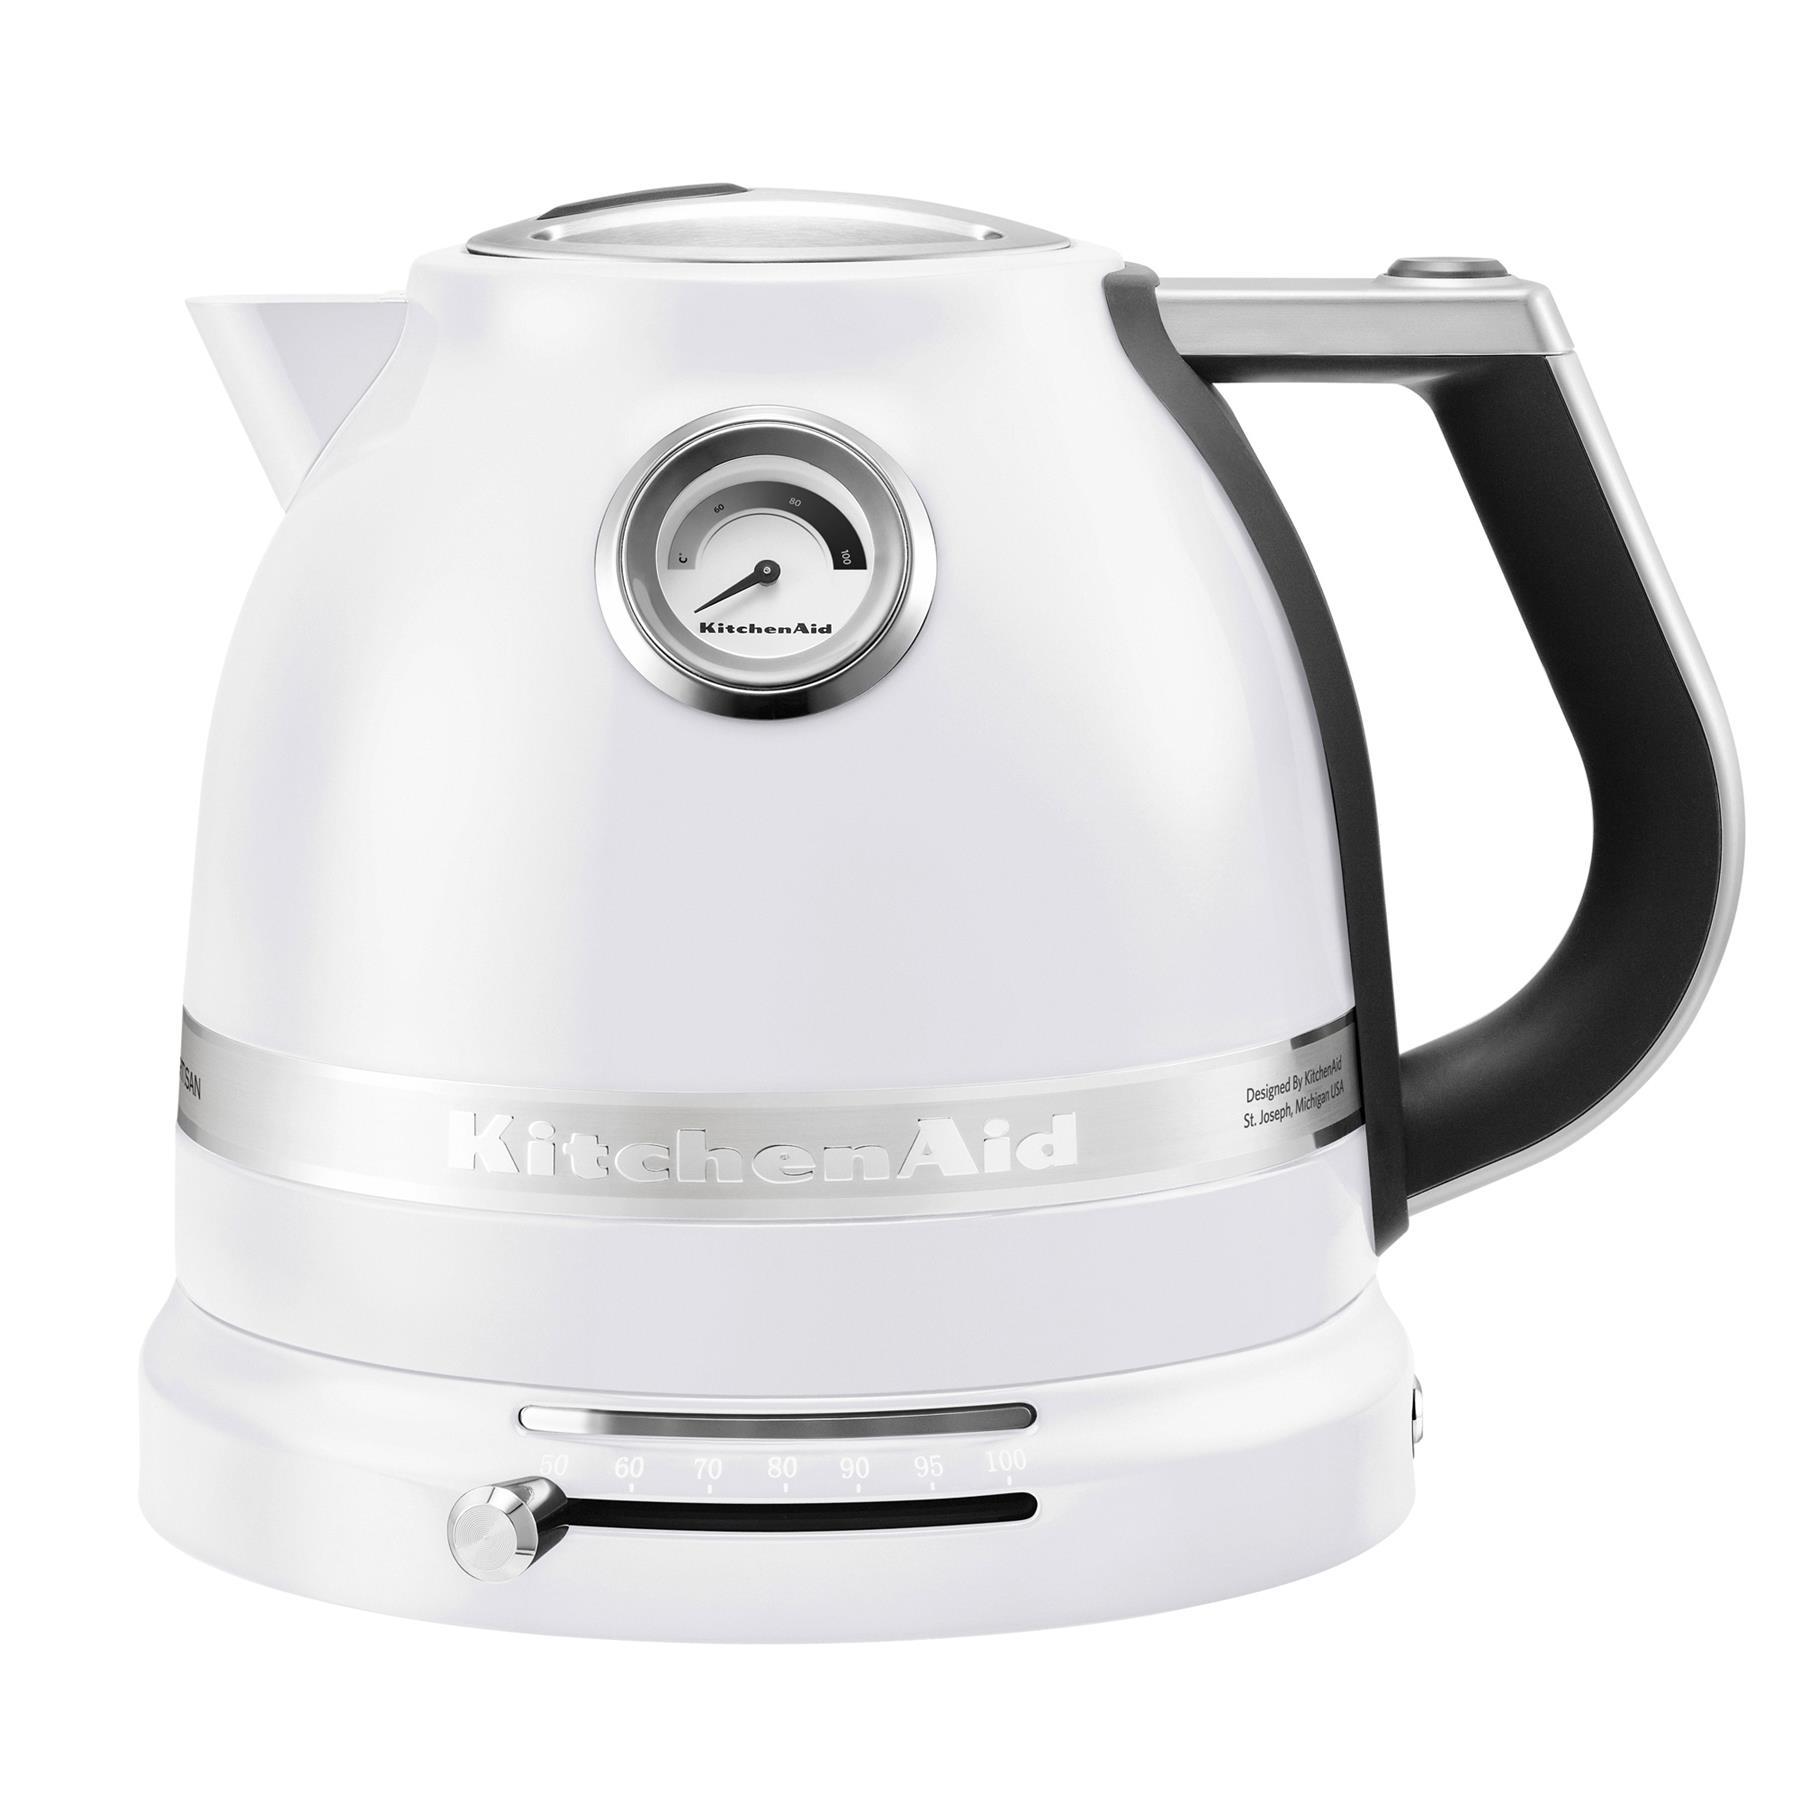 FonQ-KitchenAid 5KEK1522EFP Artisan Waterkoker - 1,5 L-aanbieding